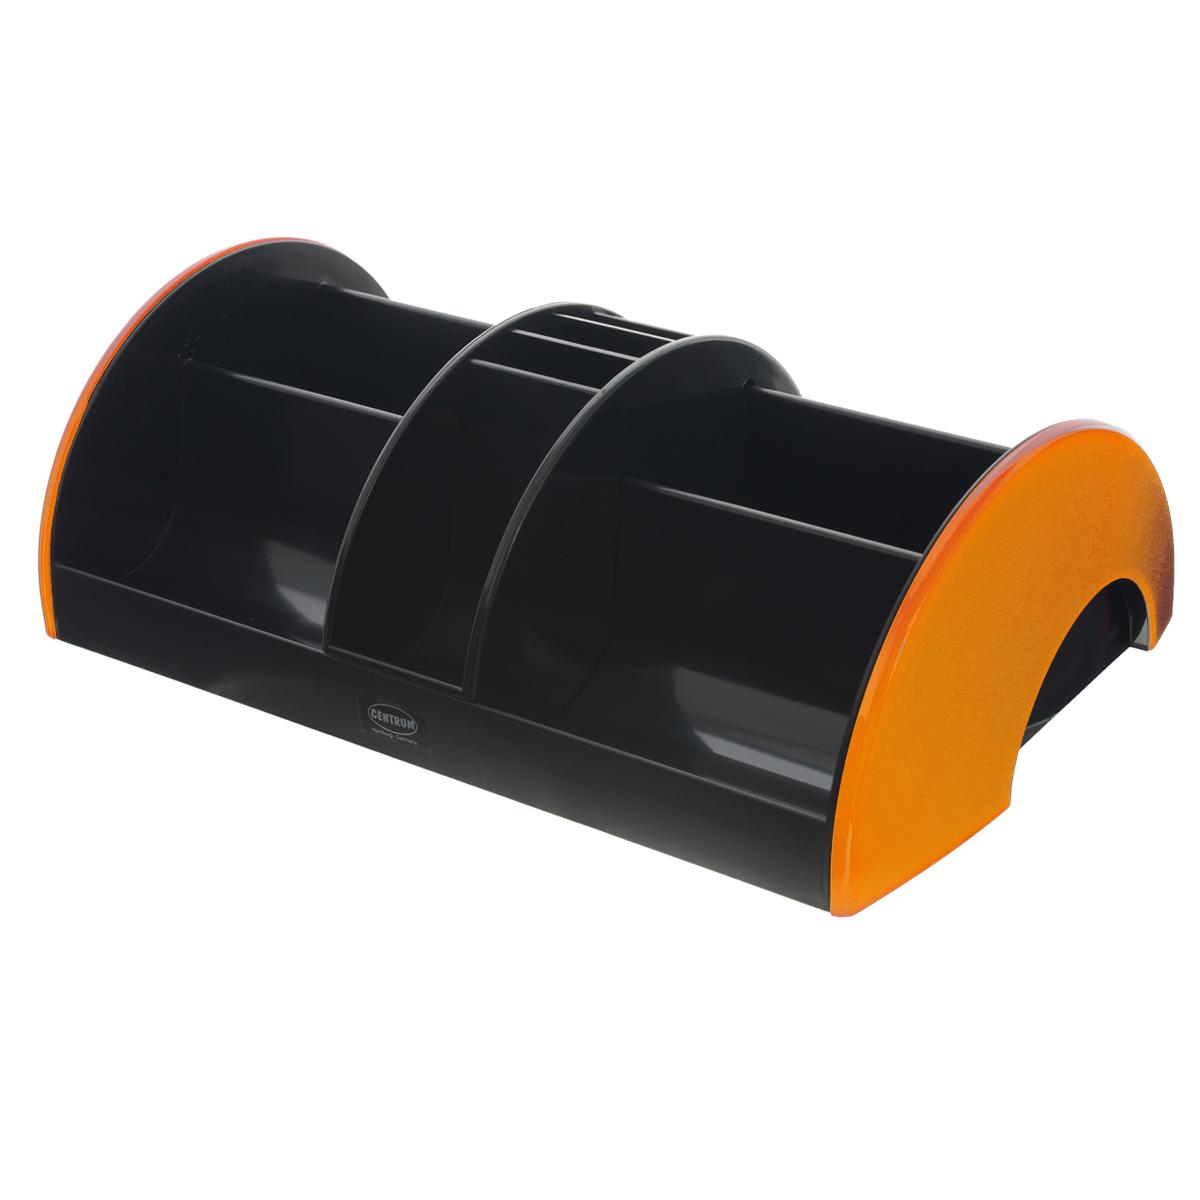 Подставка настольная Centrum, цвет: черный, оранжевый83902_оранжПодставка Centrum - незаменимый атрибут рабочего стола. Она выполнена из высококачественного пластика и содержит 3 отделения для пишущих принадлежностей, линеек, ластиков, блоков для заметок. Подставка оснащена съемной секцией с подвижным механизмом, благодаря которой вы сможете регулировать ее рабочее пространство. Съемная секция имеет 5 отделений. Разместив ее на подставке, вы получите 11 отделений. Настольная подставка Centrum призвана не только сохранить письменные принадлежности в порядке, но и разнообразить привычную обстановку рабочего стола.